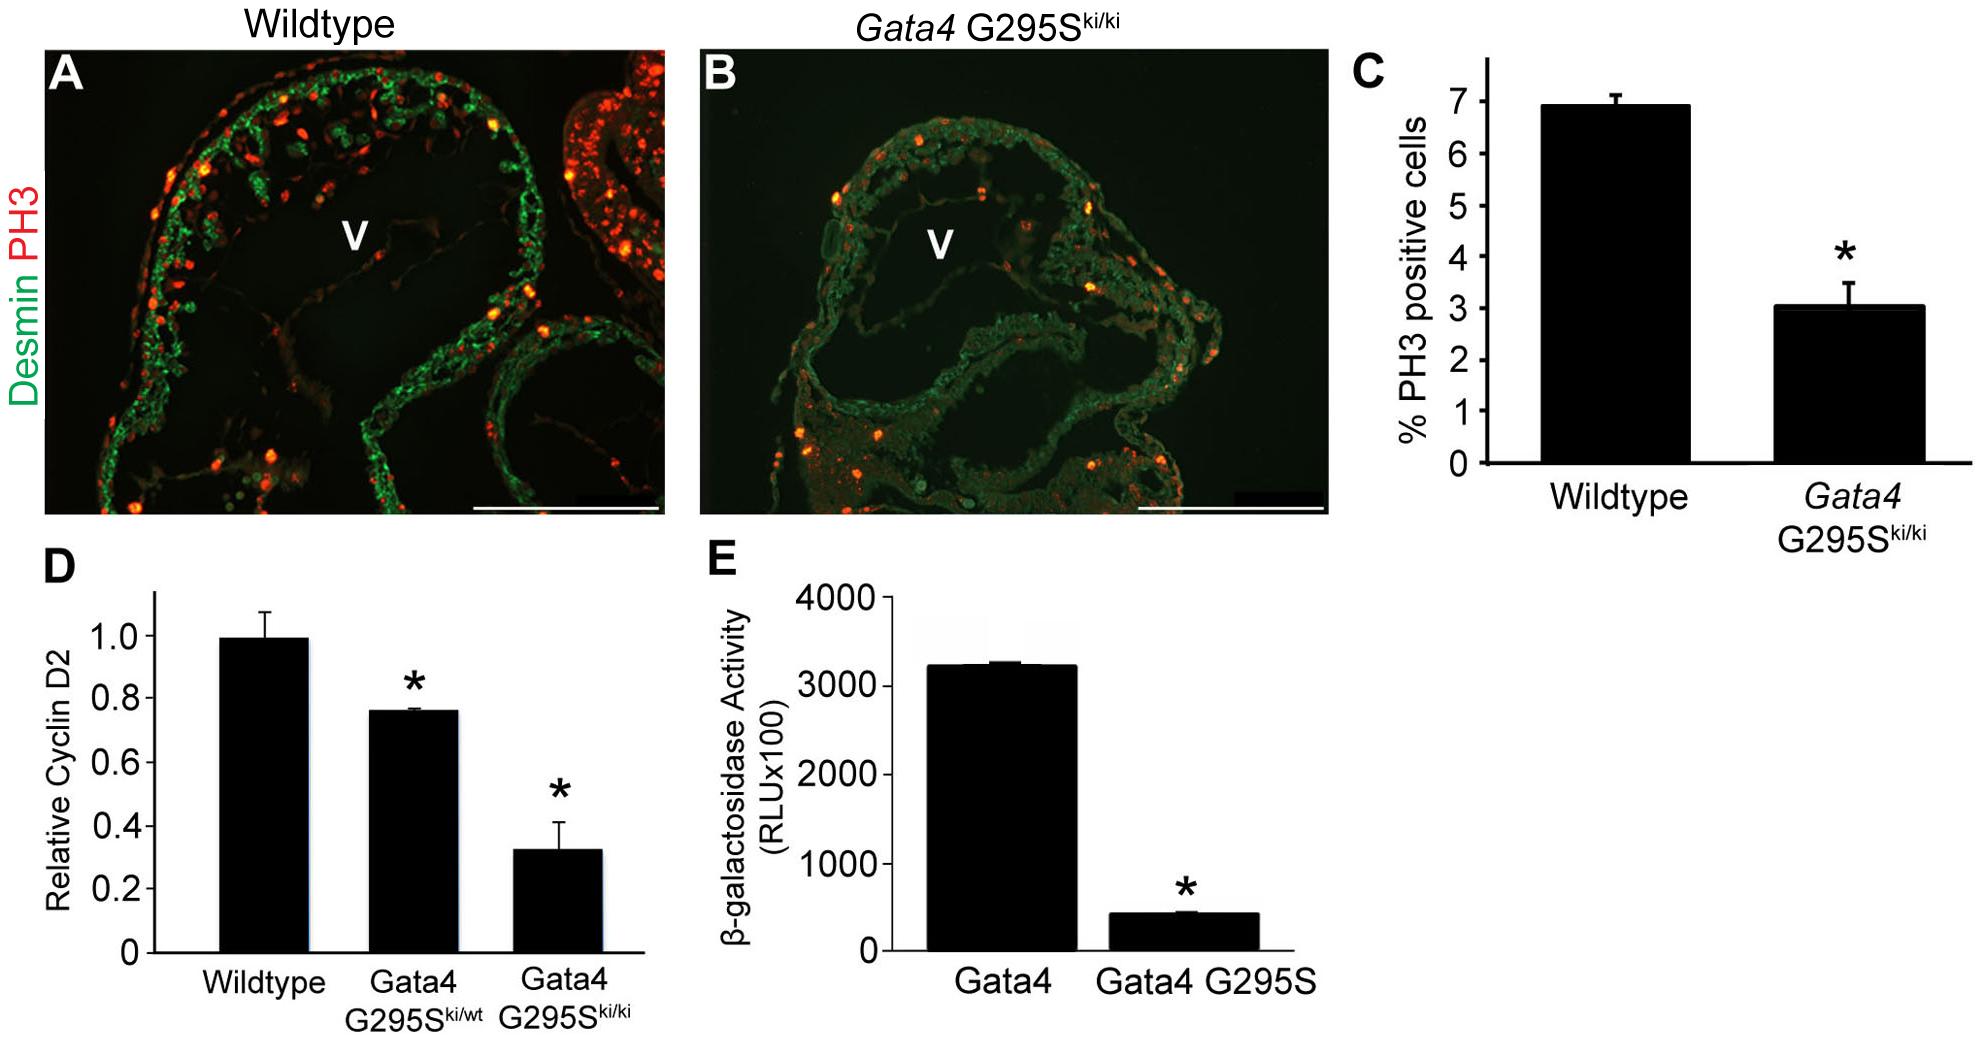 G295S mutation in <i>Gata4</i> results in cardiomyocyte proliferation defects.